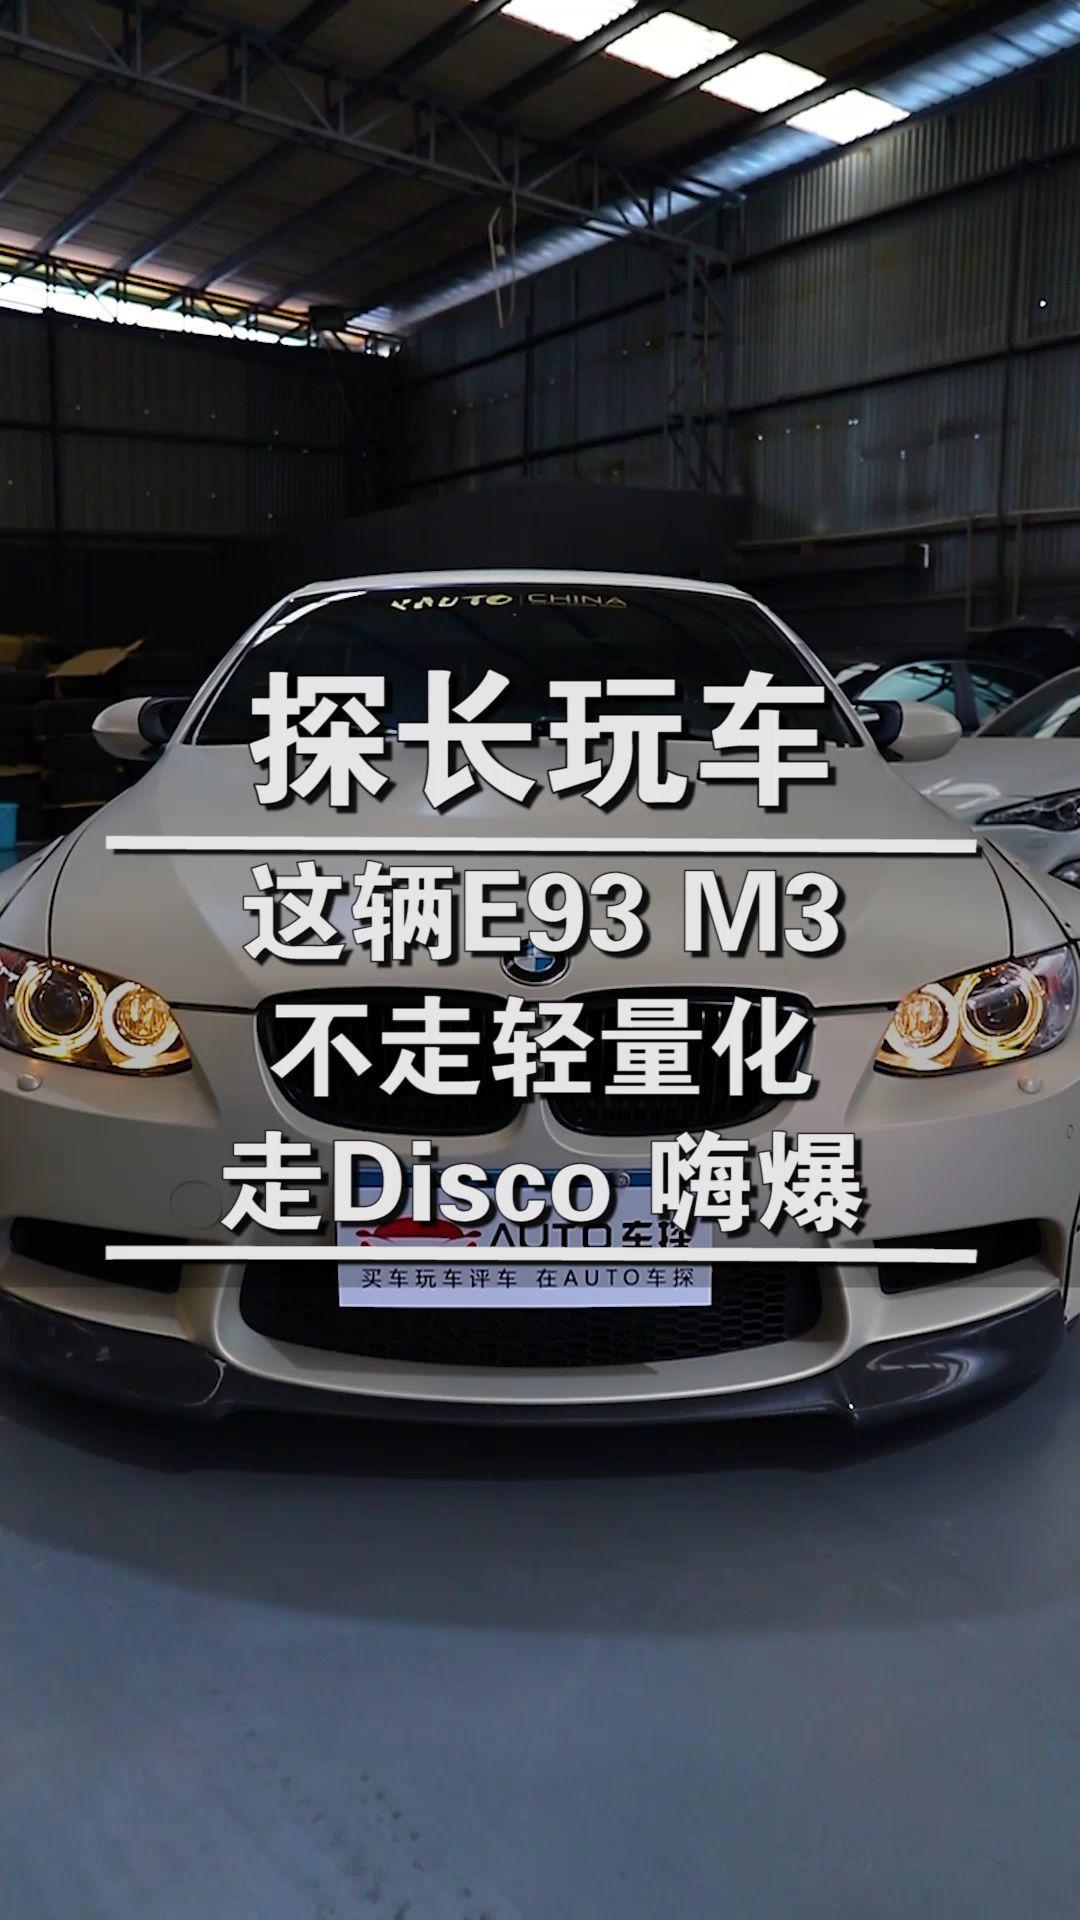 E93 M3,不走轻量化,嗨爆disco